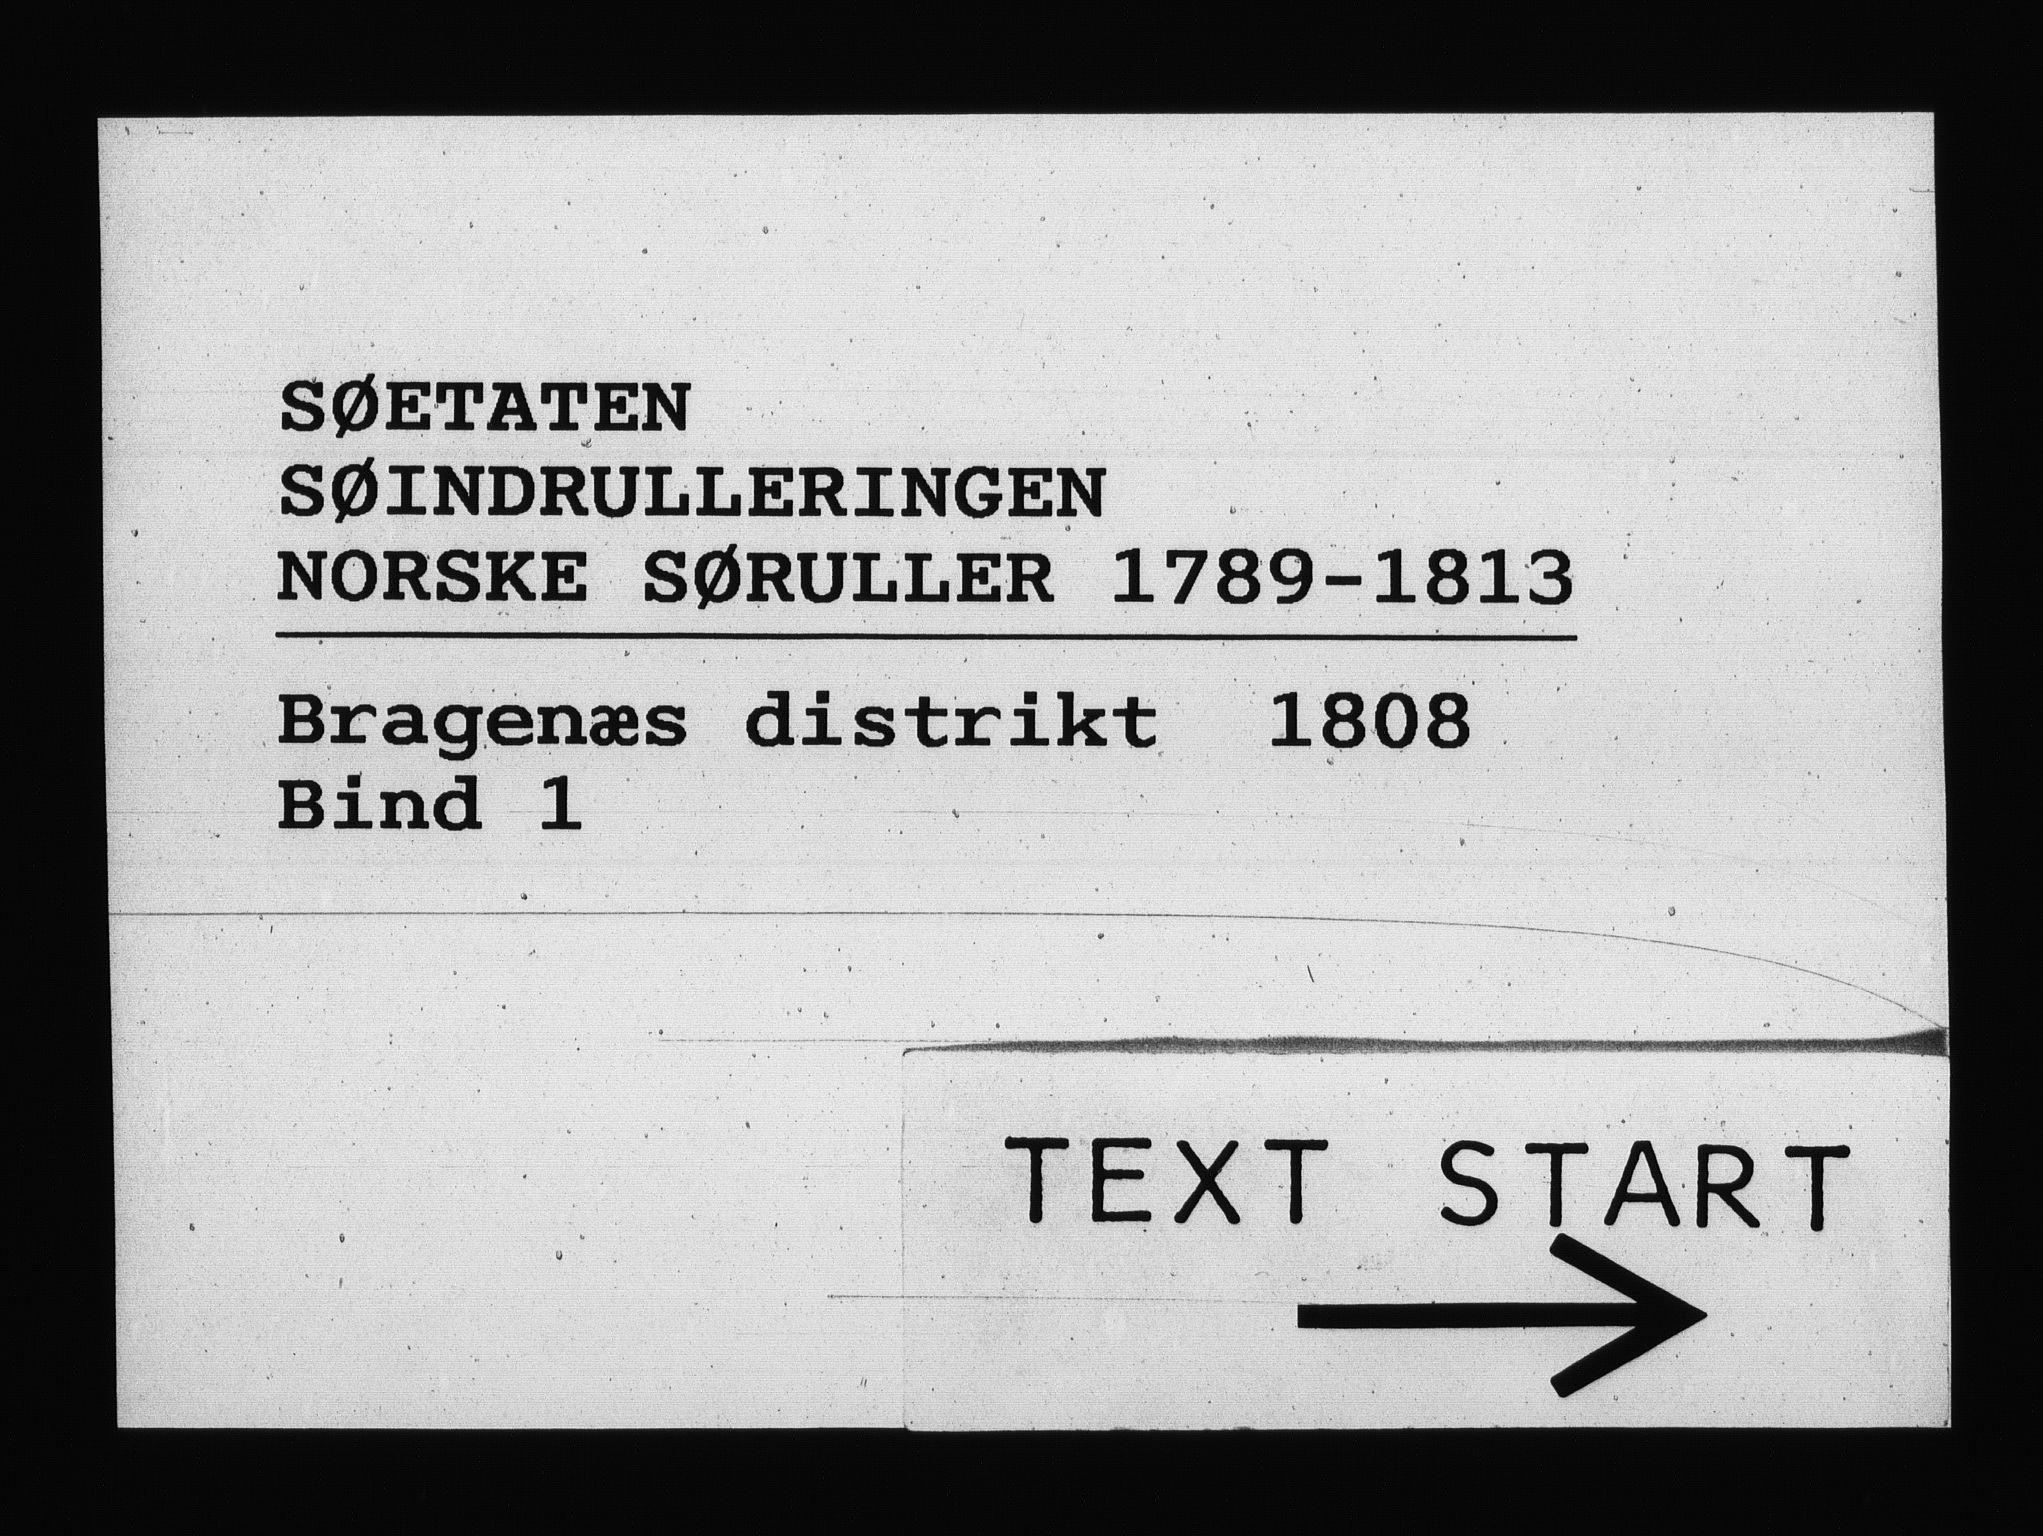 RA, Sjøetaten, F/L0152: Bragernes distrikt, bind 1, 1808